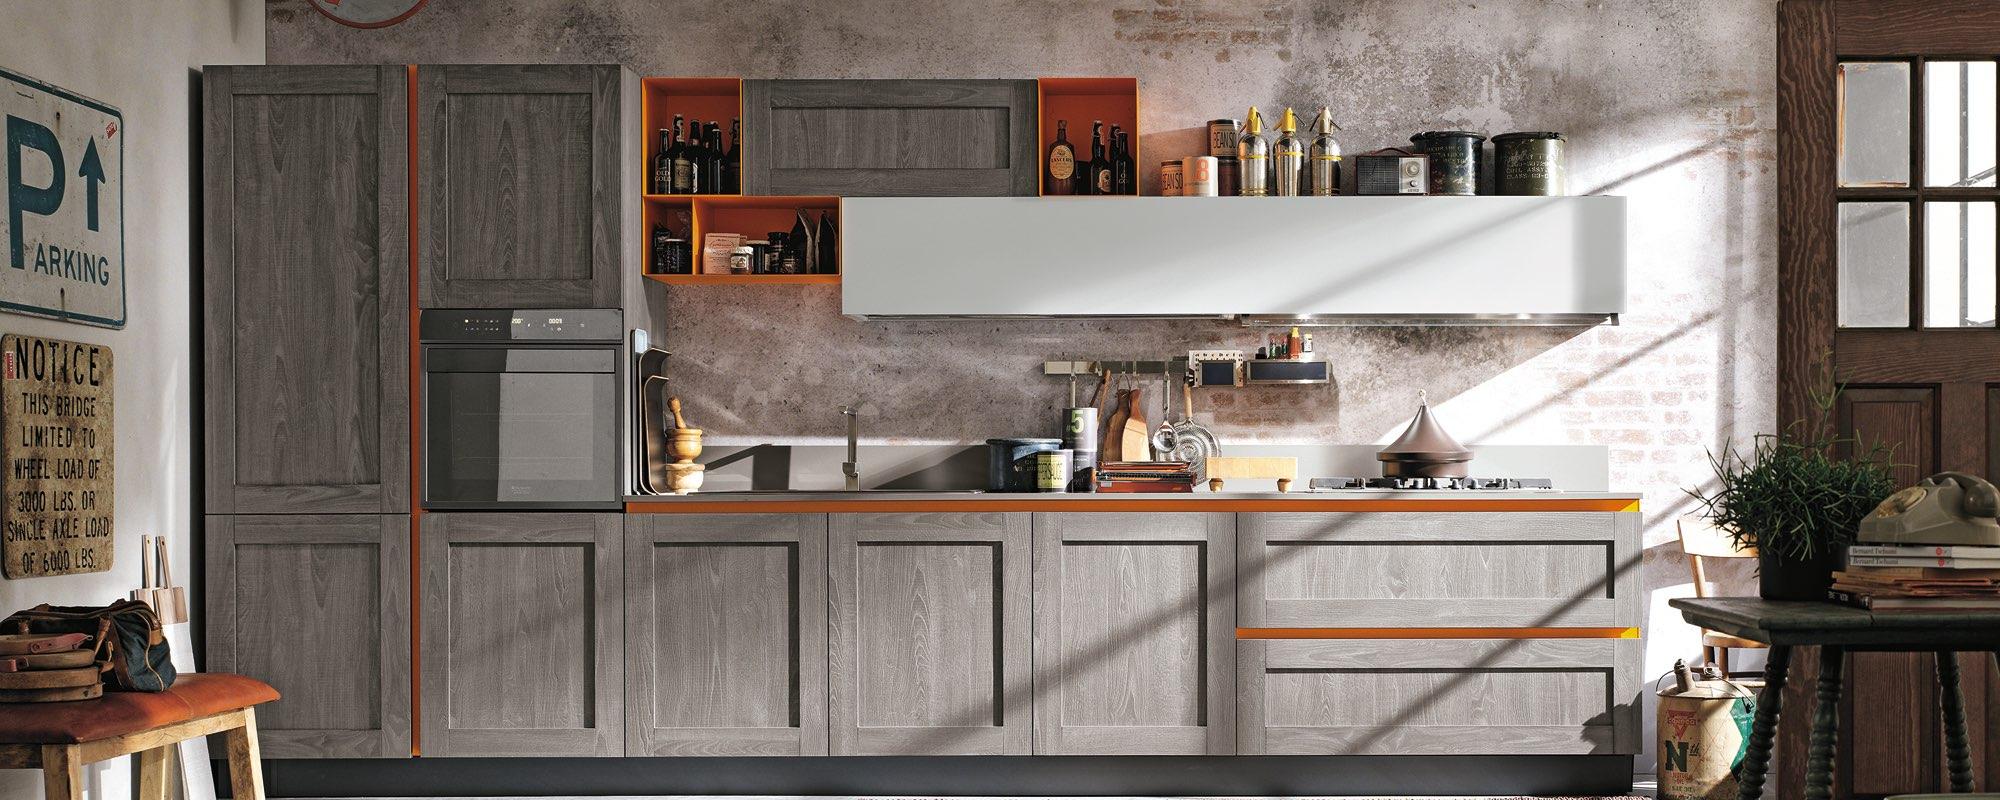 vista frontale di una cucina moderna in legno con mobili in legno